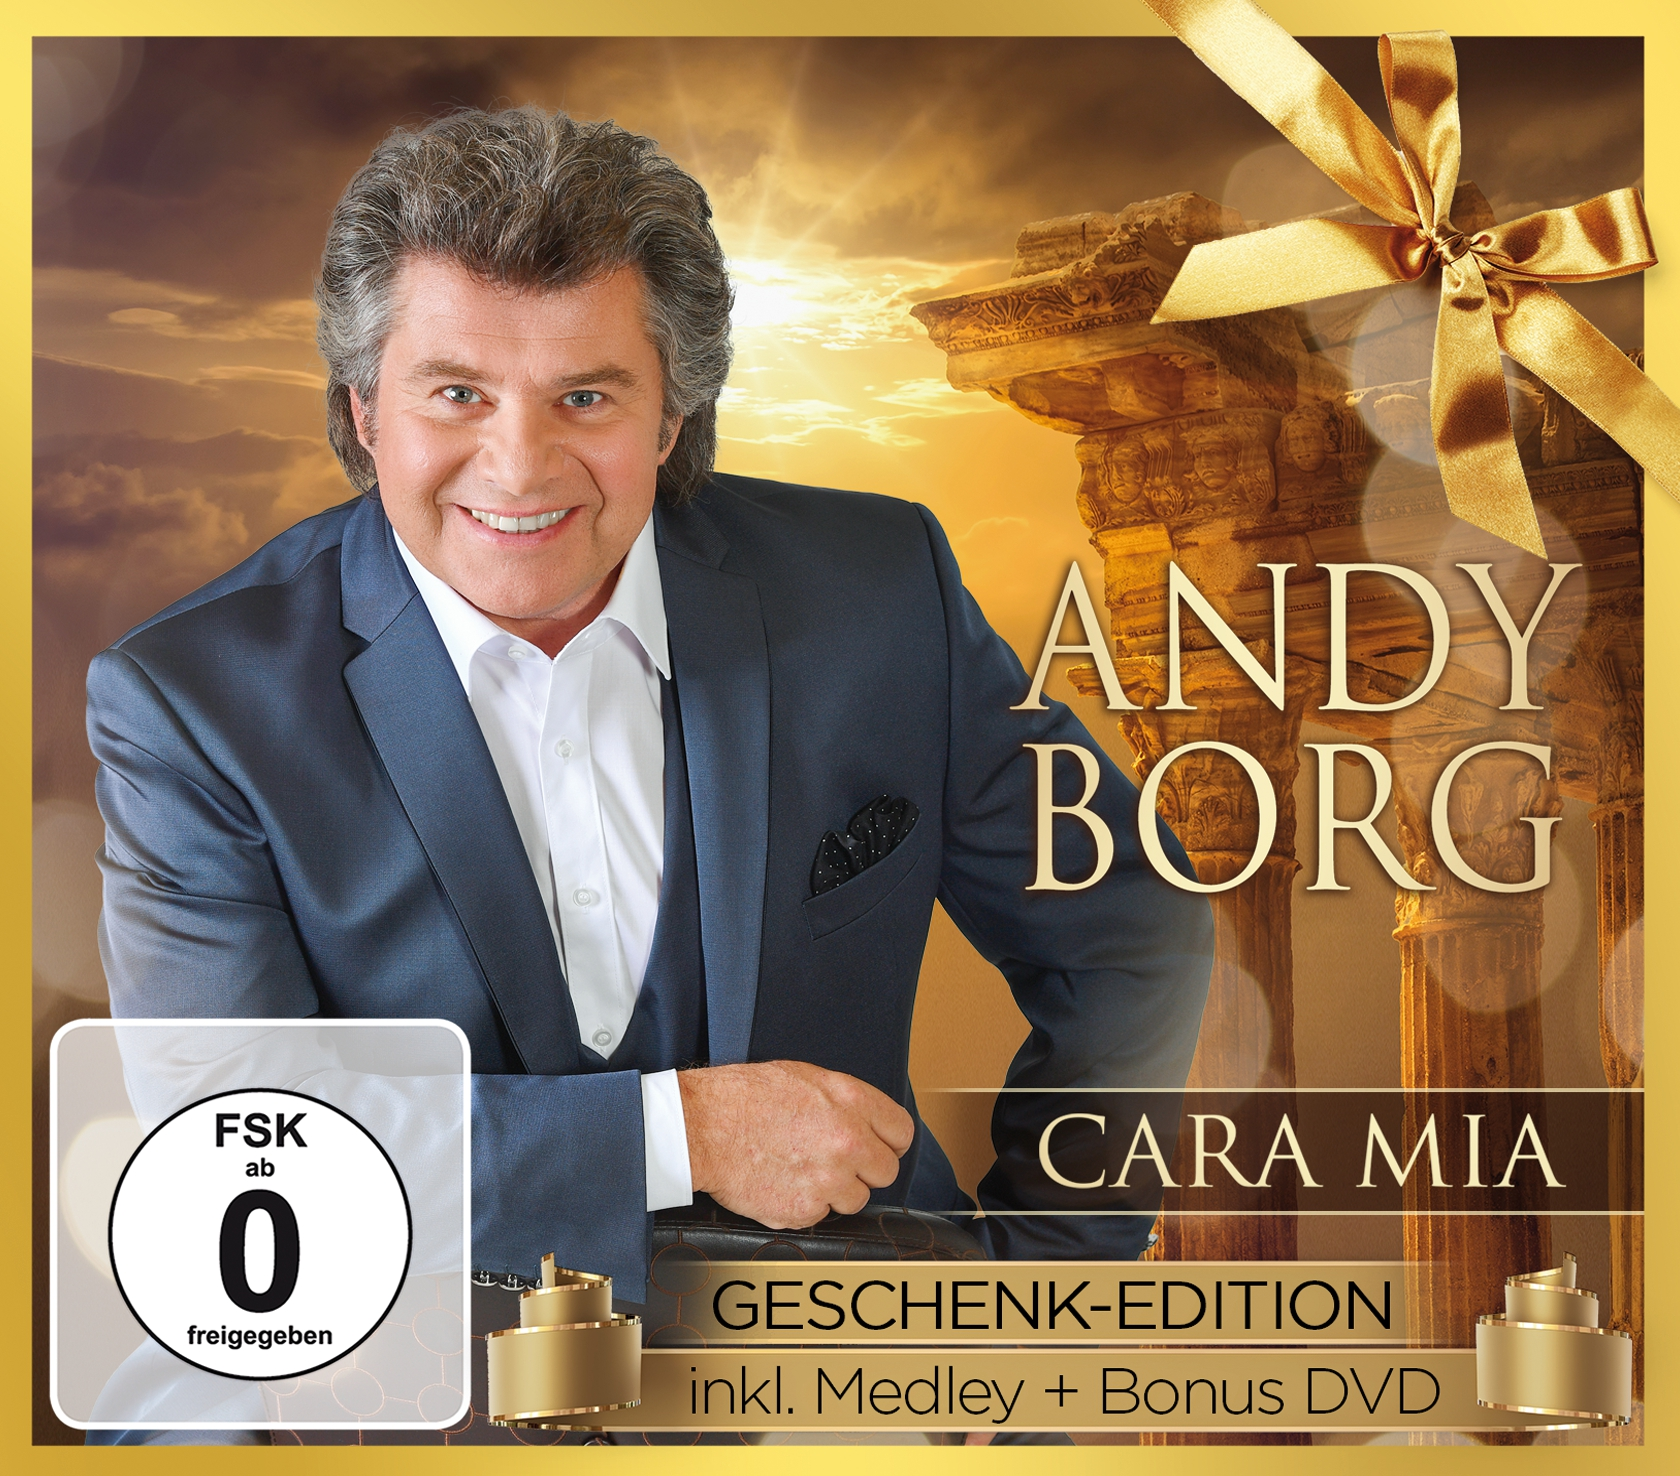 ANDY BORG - Cara mia - Geschenk-Edition (CD + DVD 2017)